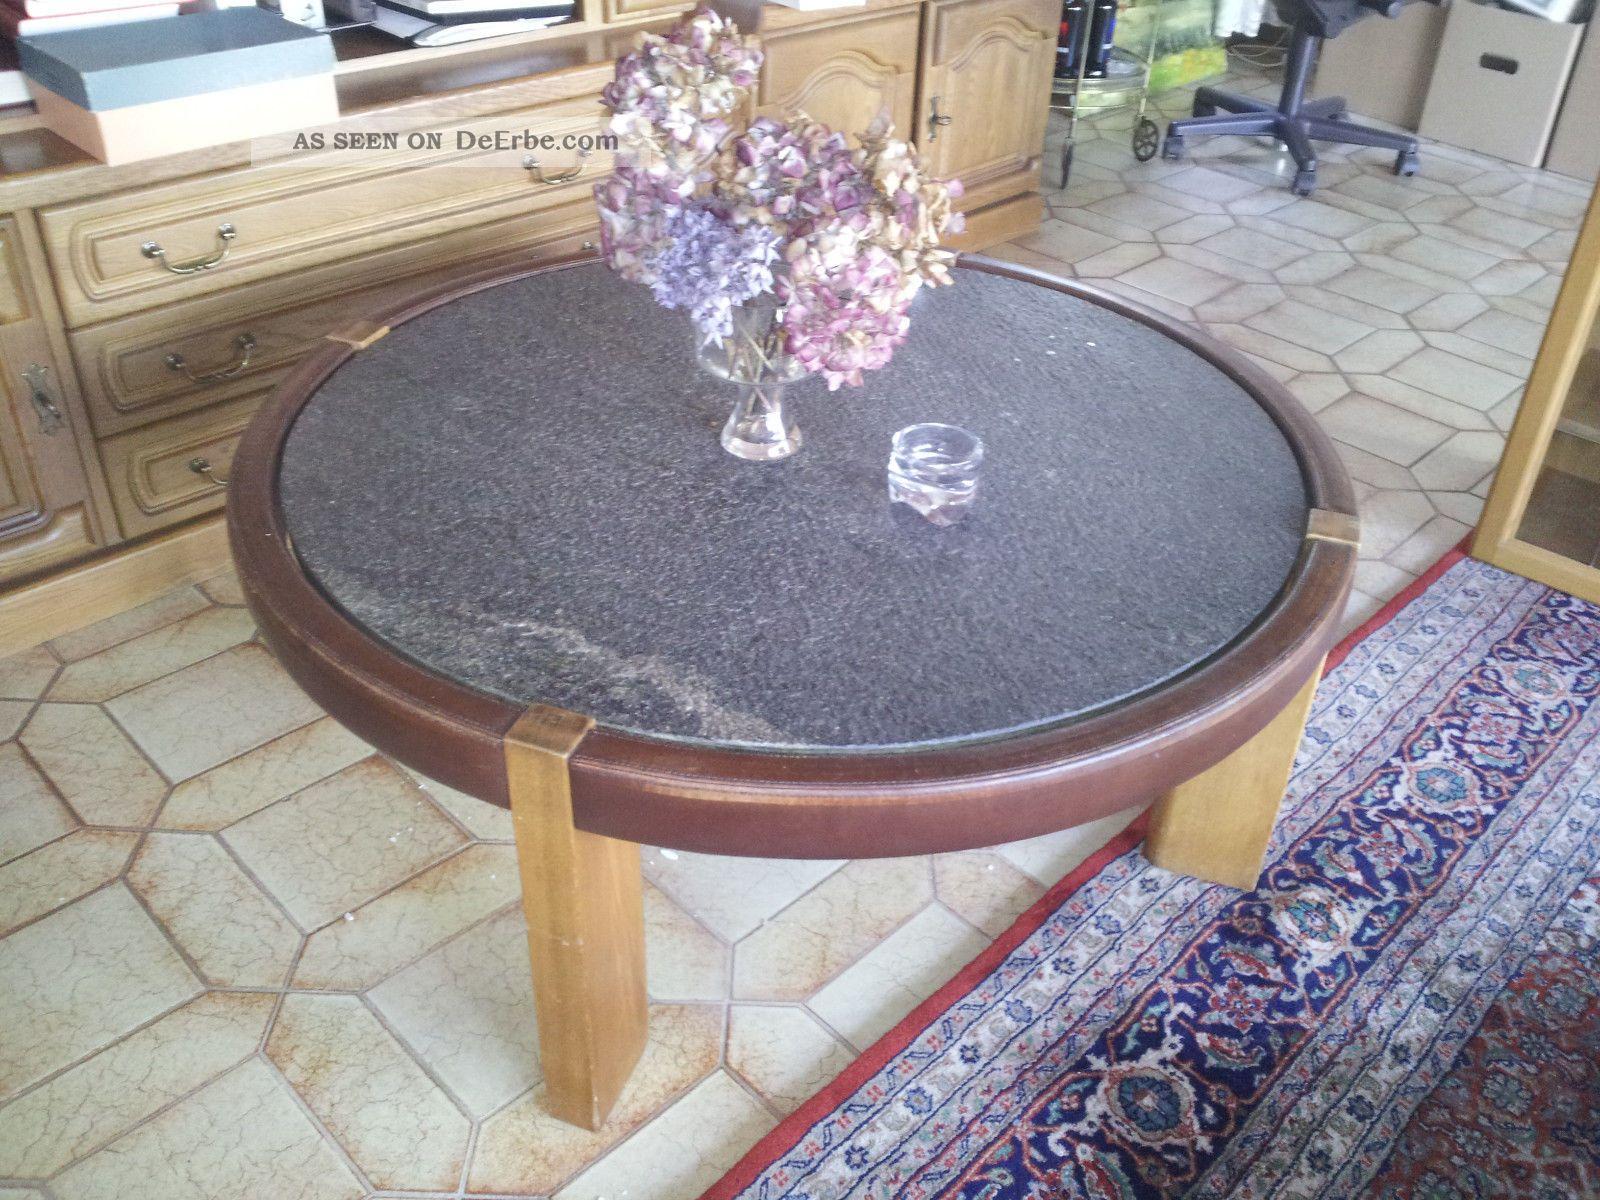 Wohnzimmer tisch rund steinplatte massiv 70er jahre for 70er wohnzimmer